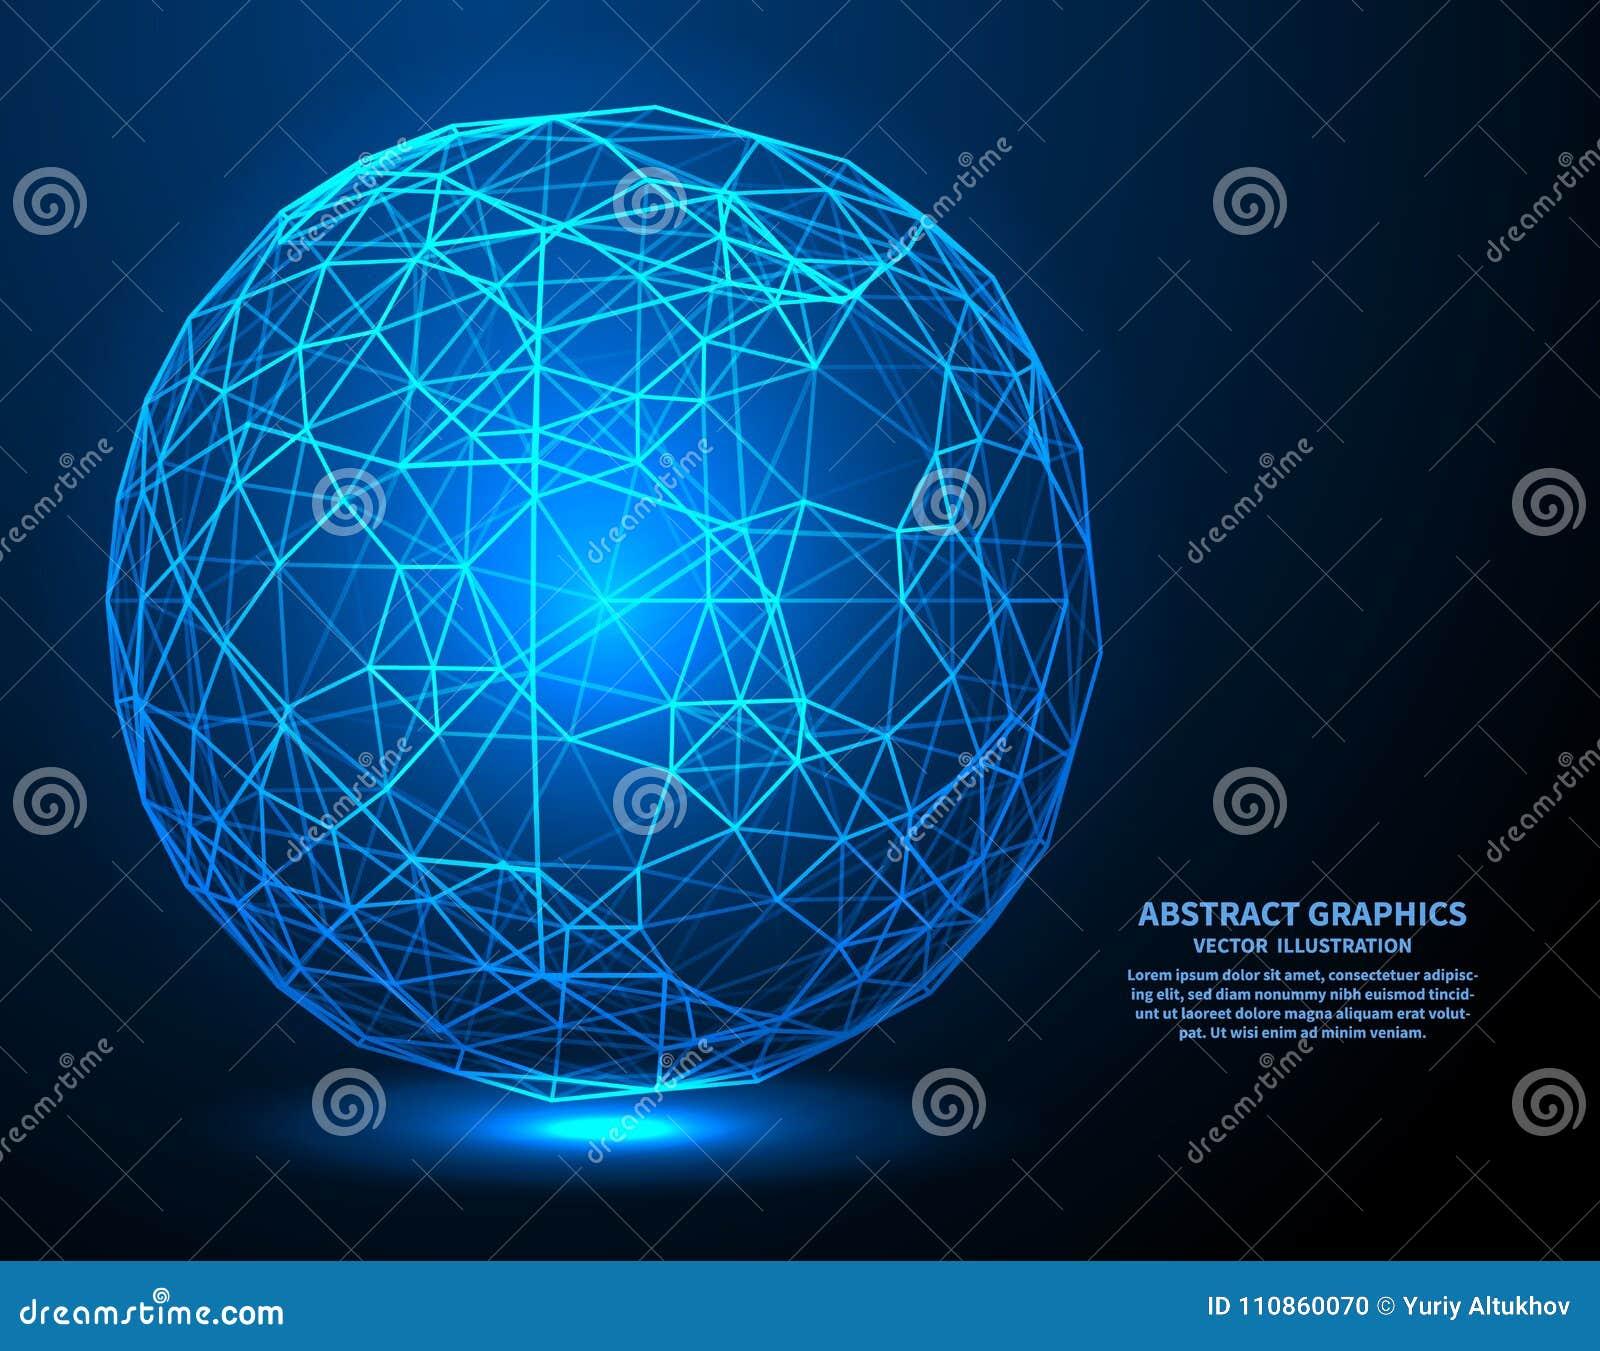 Große Daten, Vektorillustration Network Connections mit Punkten und Linien Abstrakter Technologie-Hintergrund